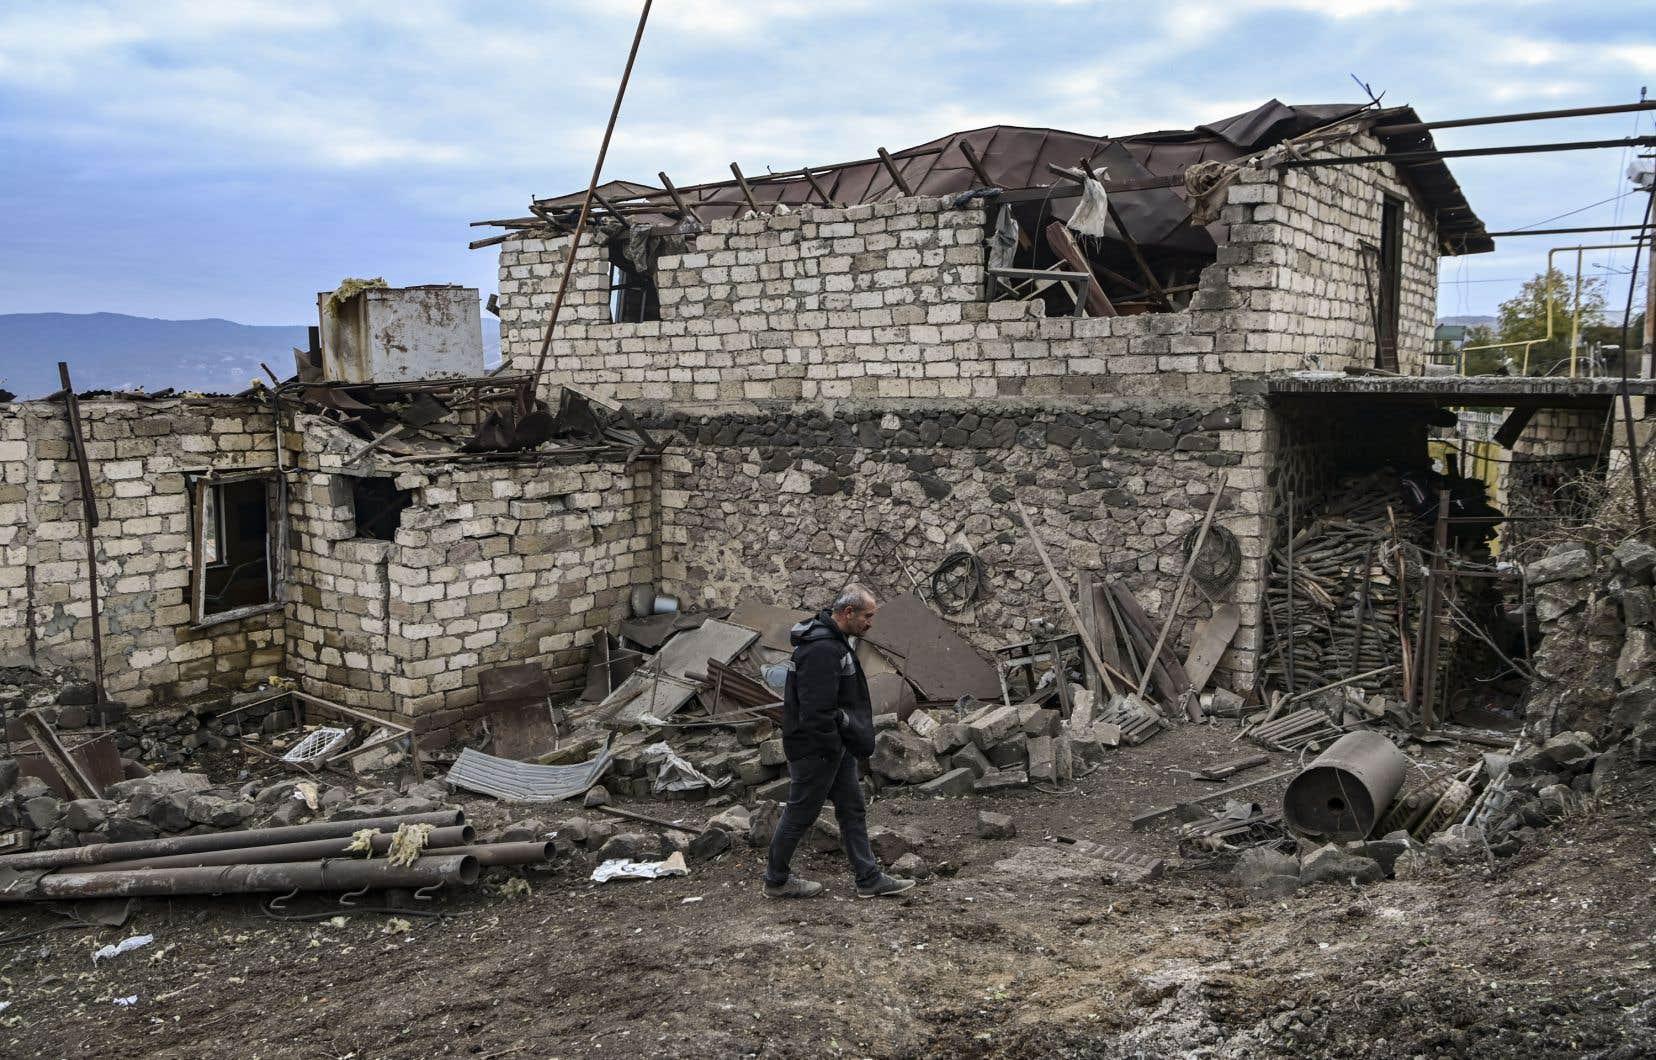 L'intensification des combats dans le Haut-Karabakh continue de faire des victimes civiles tout en entraînant dans son sillage d'importants déplacements de populations, en dépit des appels internationaux au cessez-le-feu.